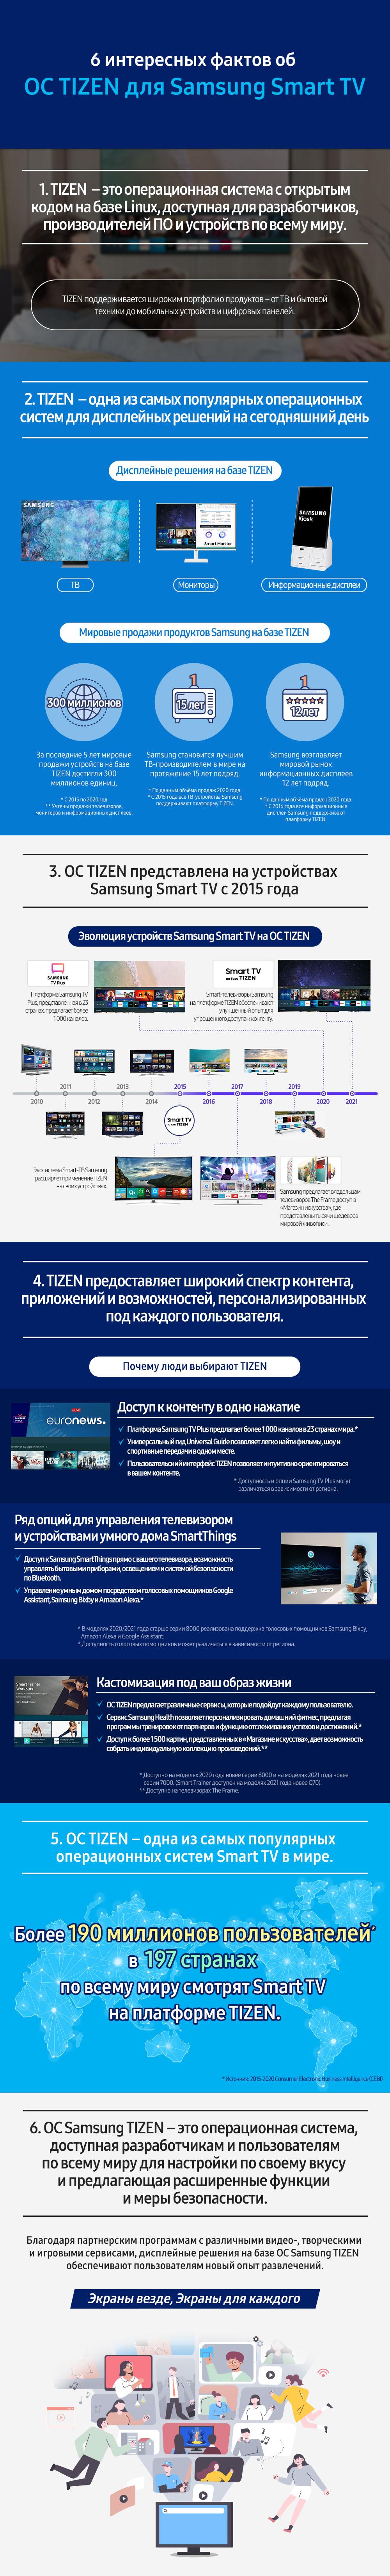 [Инфографика] Шесть преимуществ ОС Tizen для Samsung Smart TV